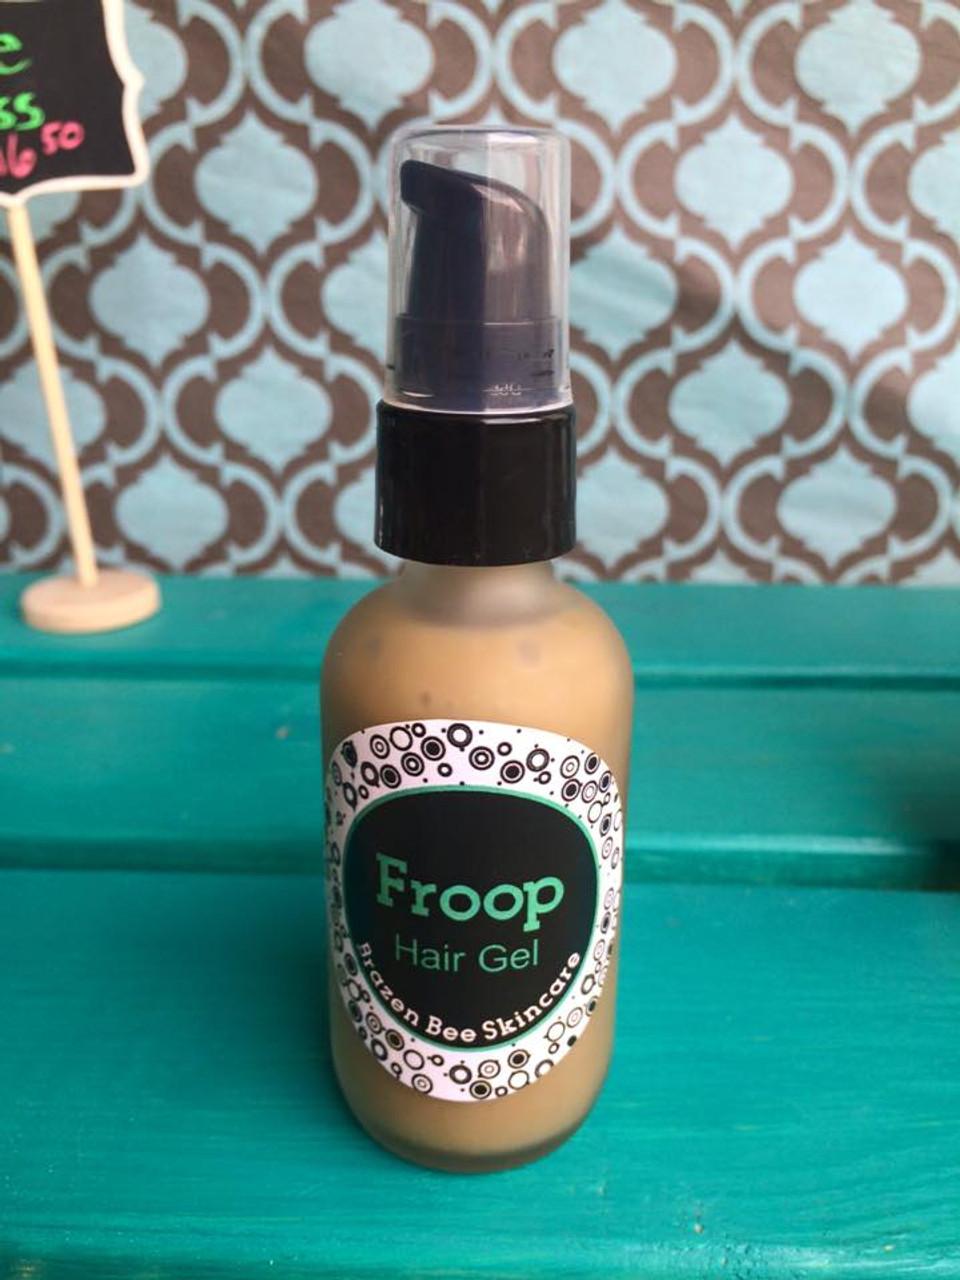 Froop Gel | HAIR STYLING